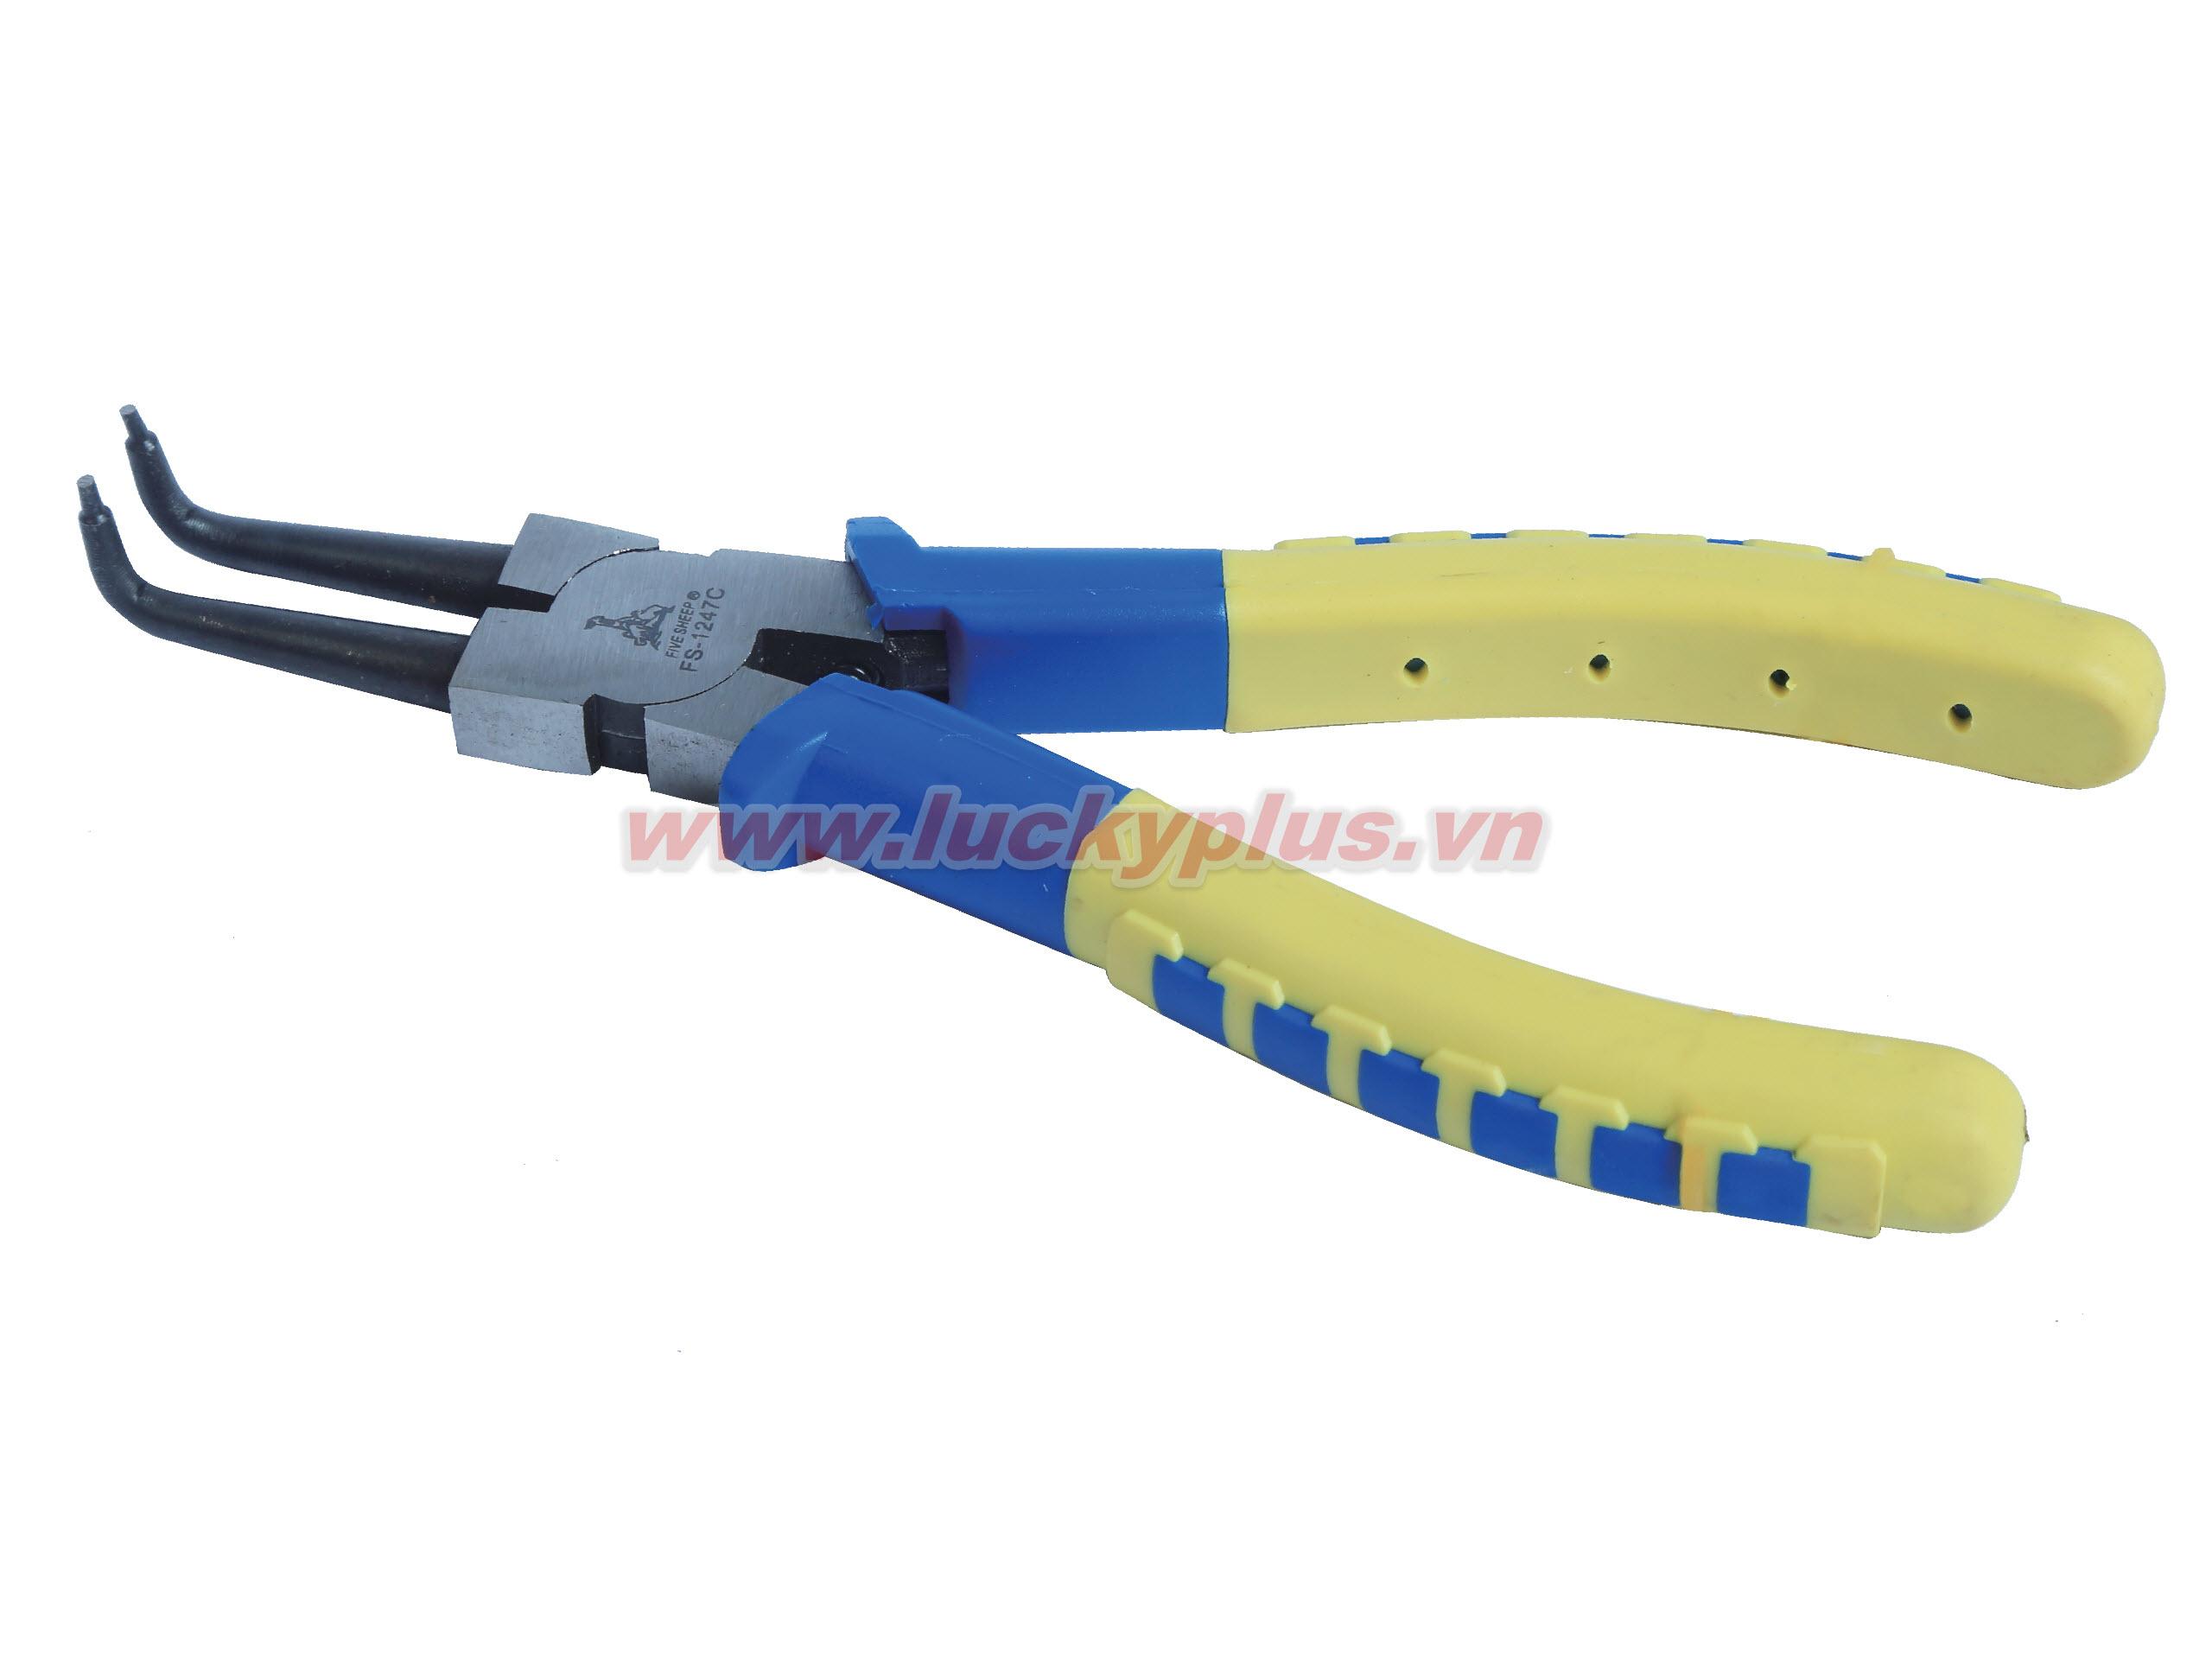 Kìm kẹp xoay FiveSheep FS-1247A 7''/180mm, FS-1247B 7''/180mm, FS-1247C 7''/180mm, FS-1247D 7''/180mm